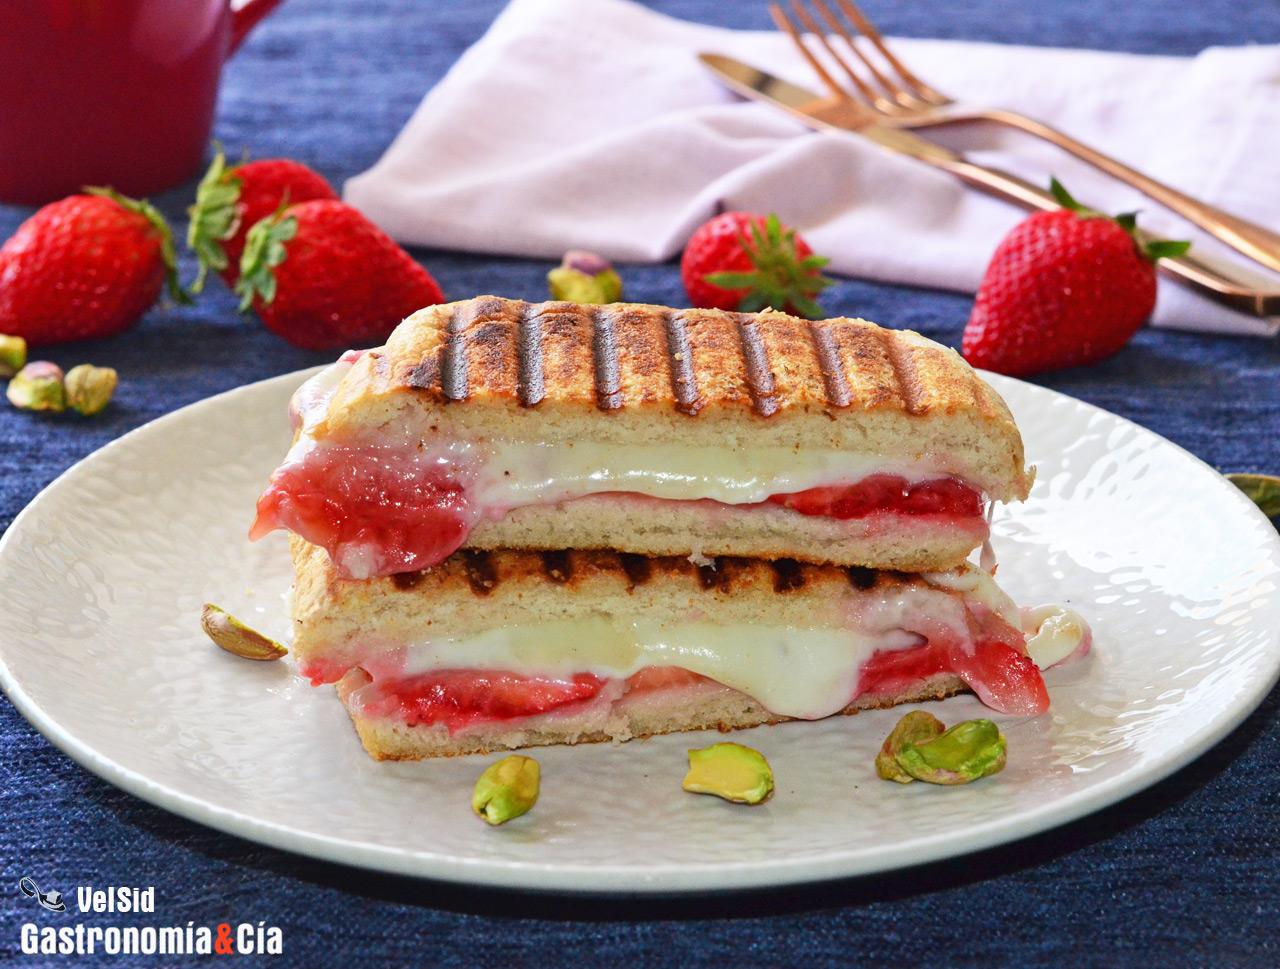 Sándwich de fresas con queso a la parrilla, la receta de tu nuevo snack favorito